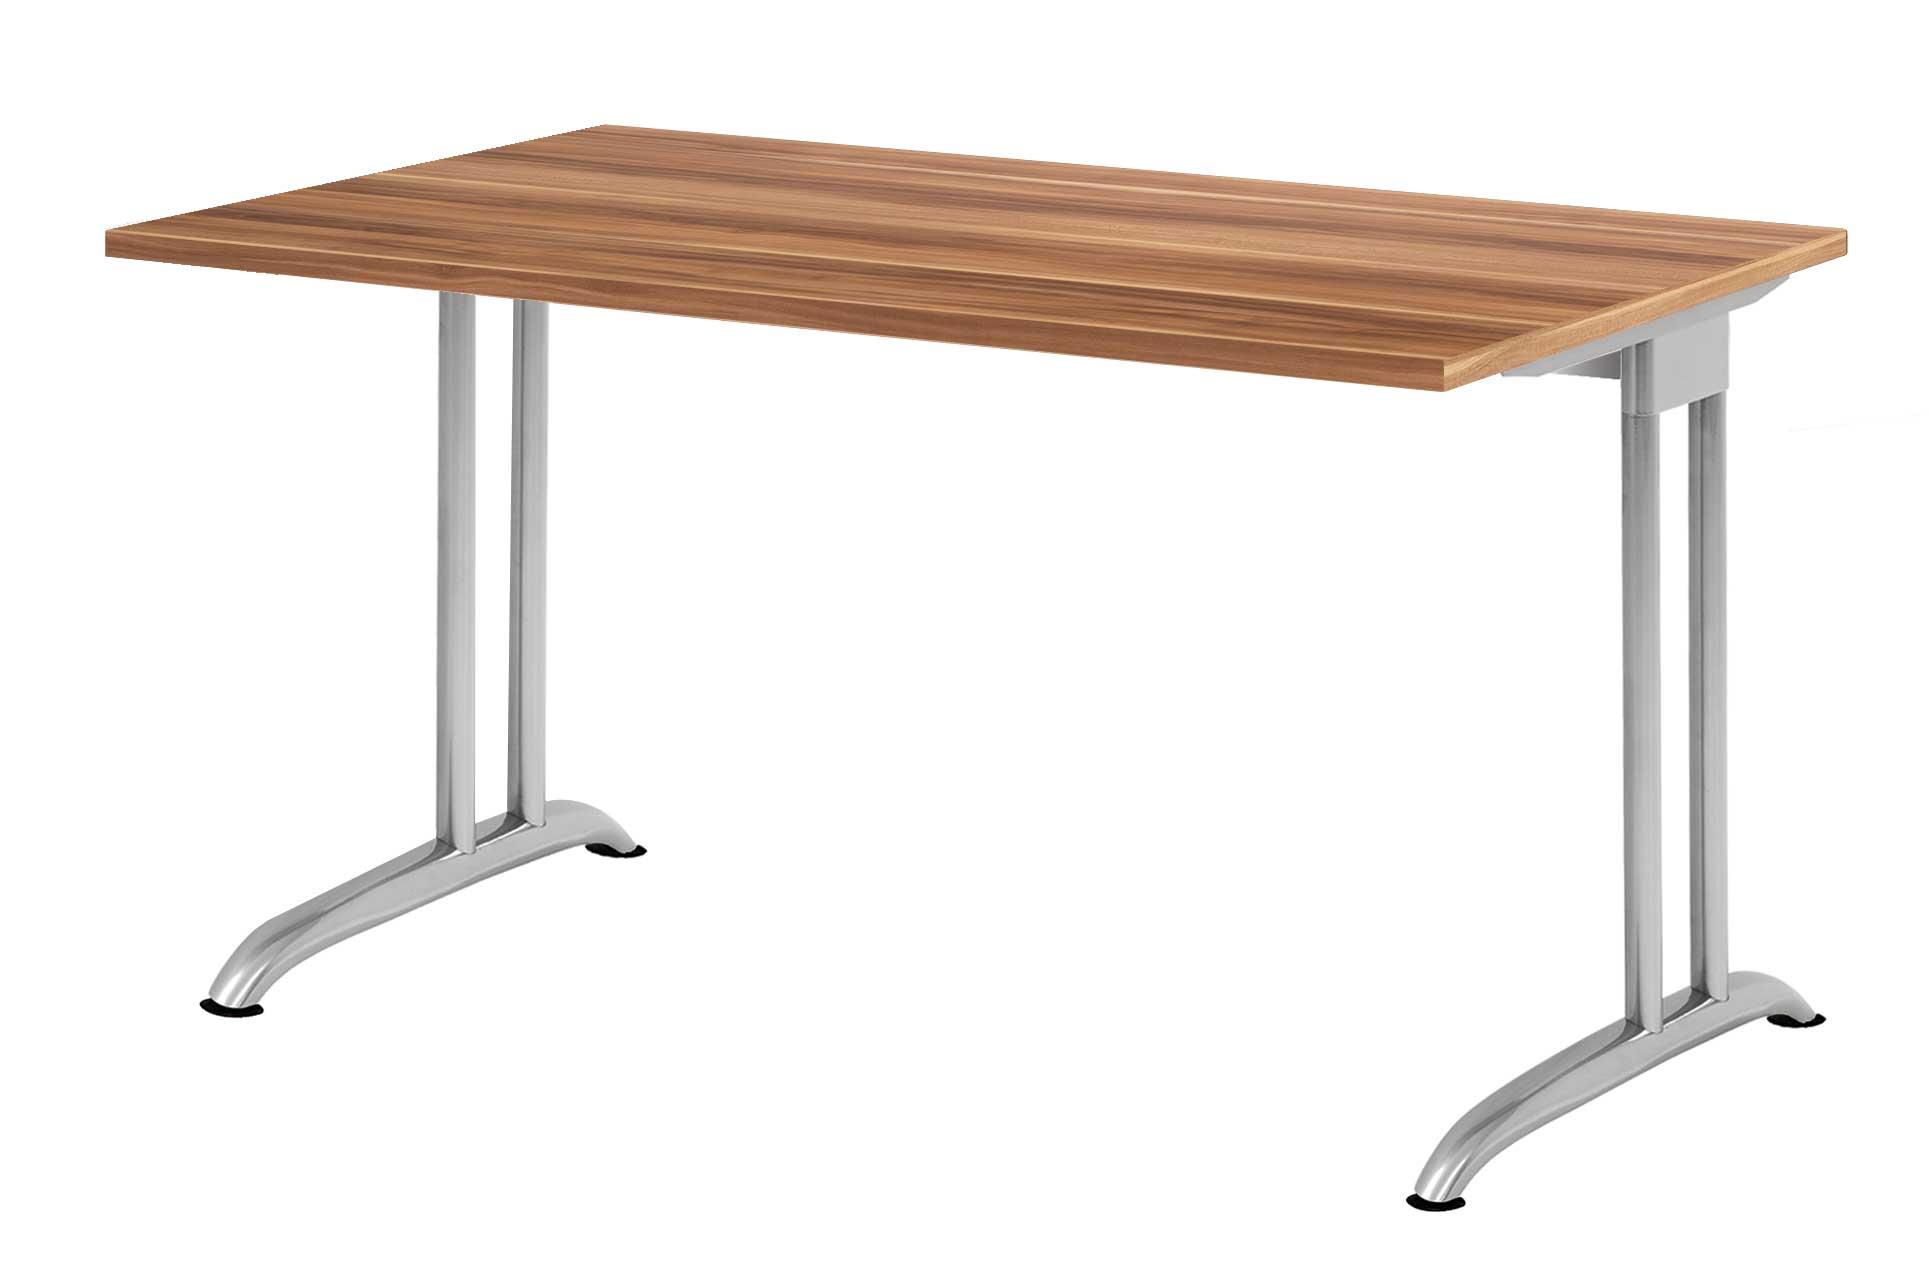 Günstige höhenverstellbare Schreibtische für das Büro kaufen